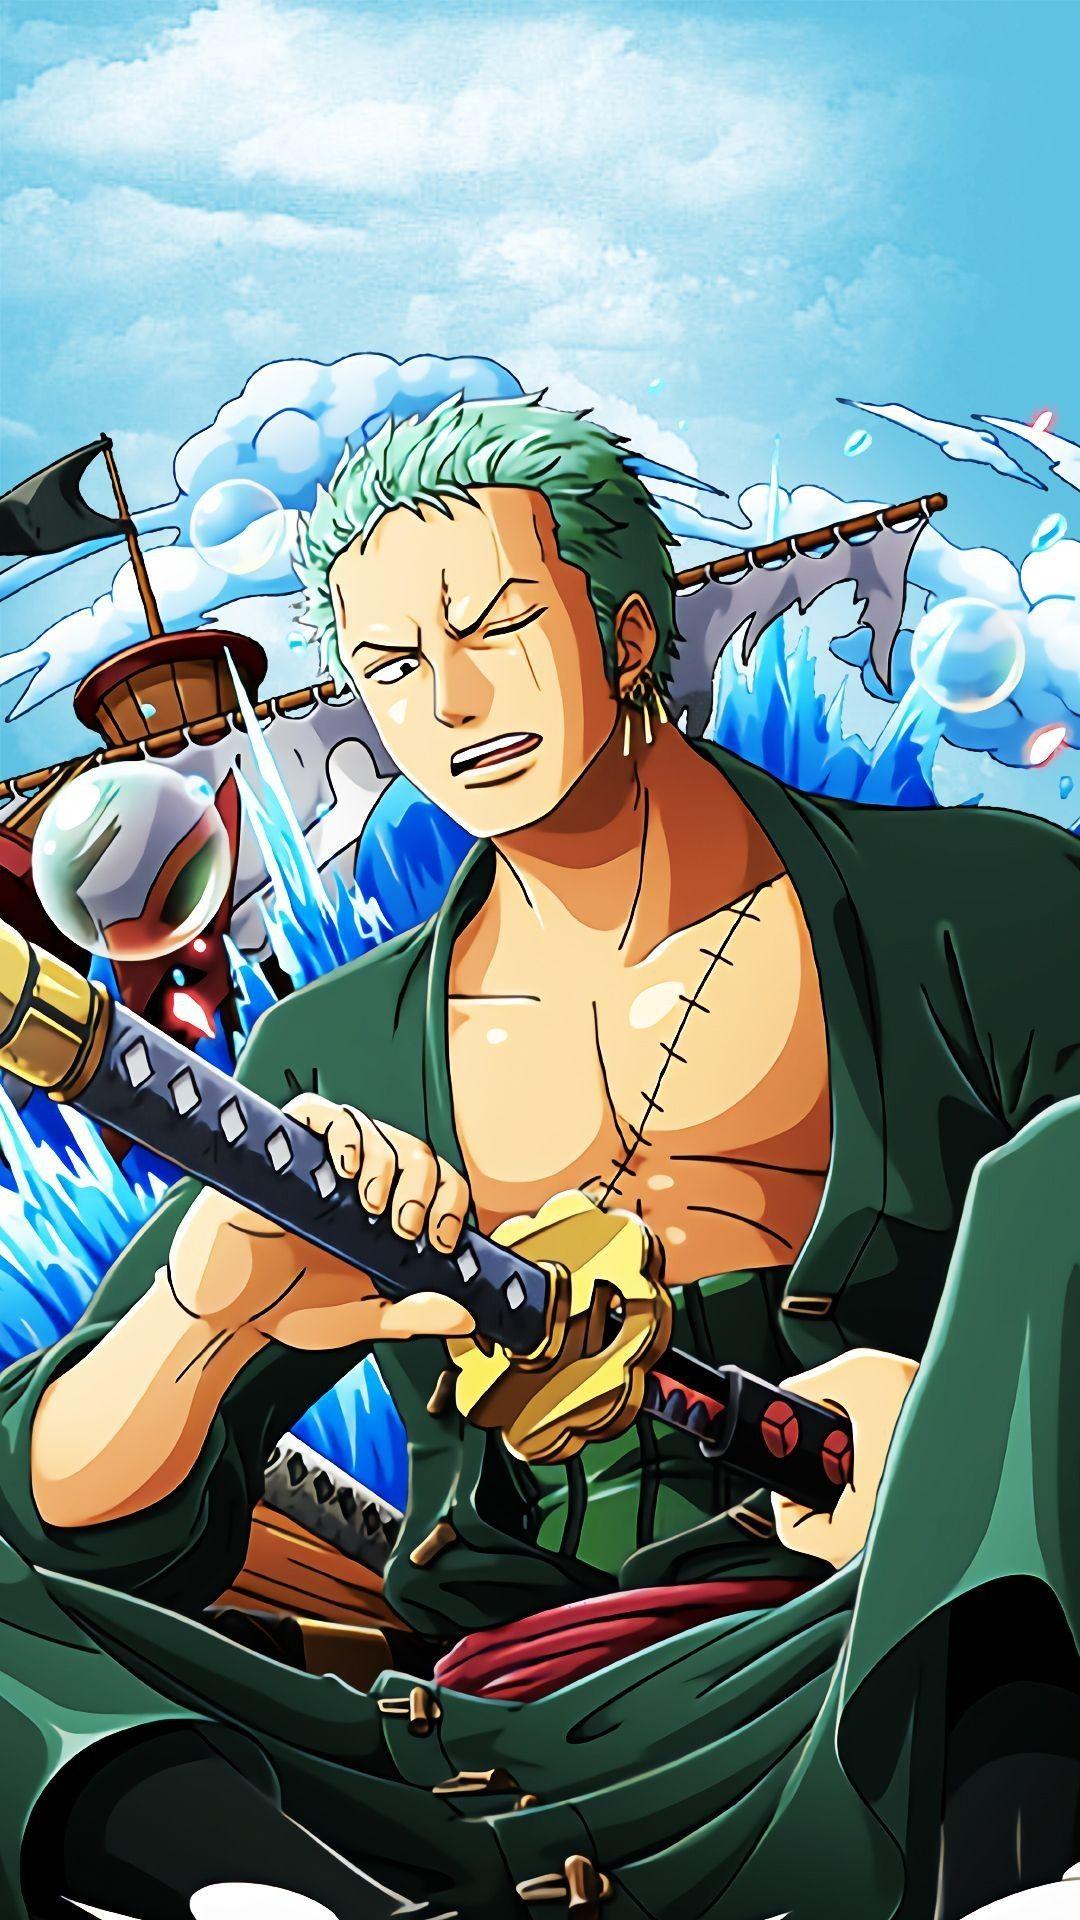 Fond D'écran One Piece HD Et 4K À Télécharger Gratuit en 2020 | Fond d'ecran dessin, Coloriage ...